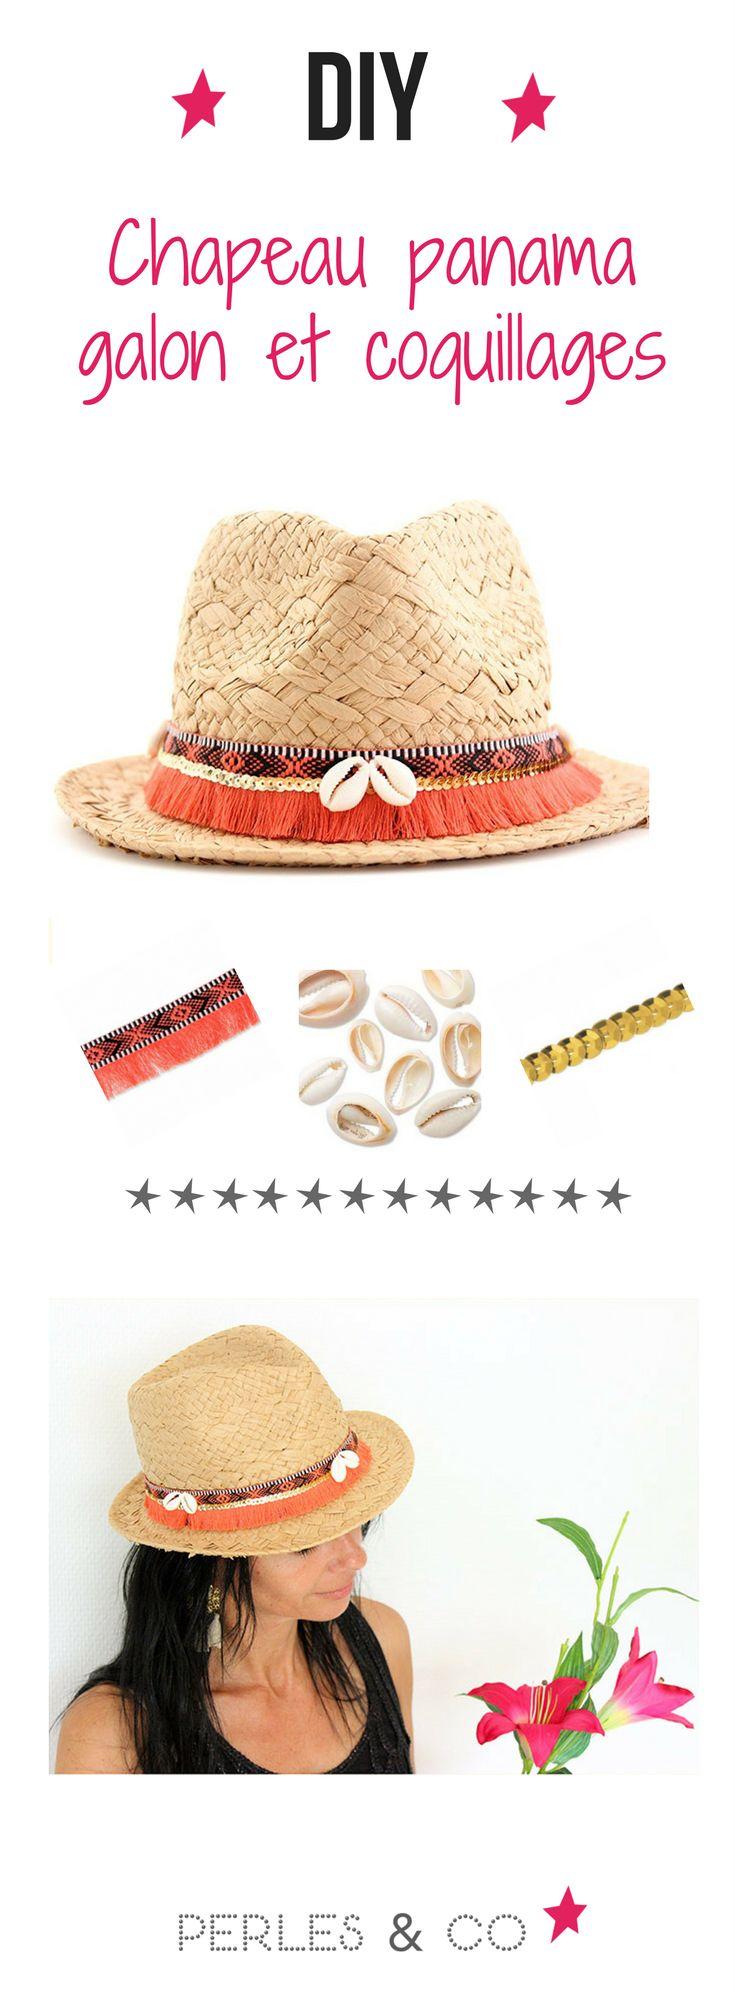 réalisez votre chapeau panama ultra personnalisé ! Apprenez avec ce DIY comment customiser un chapeau de paille pour cet été.